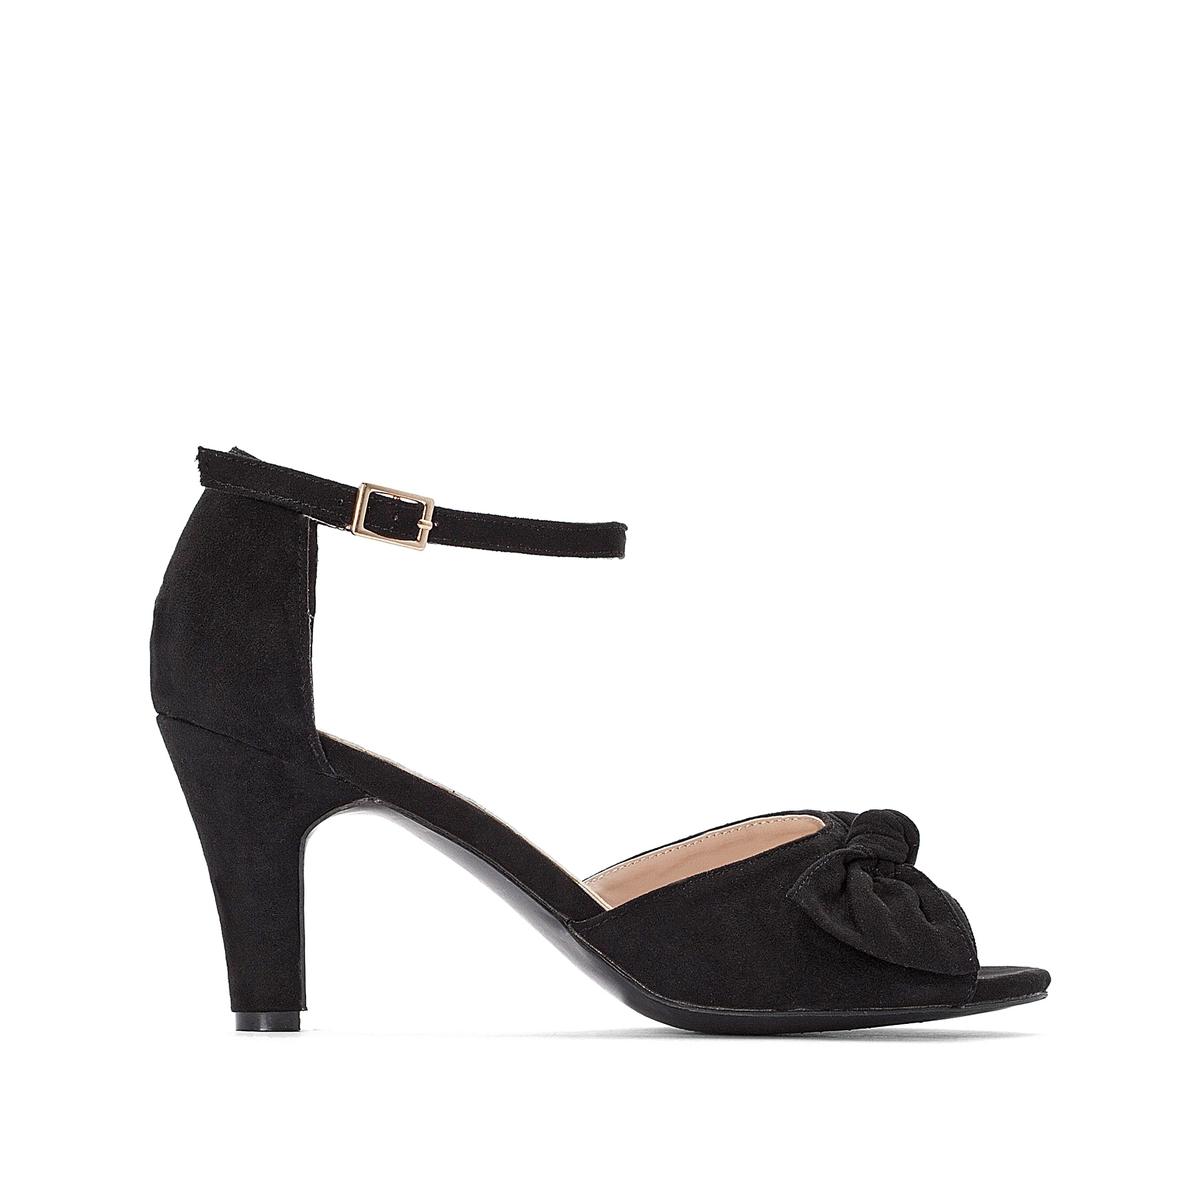 Sandálias com tacão, especial pés largos, do 38 ao 45